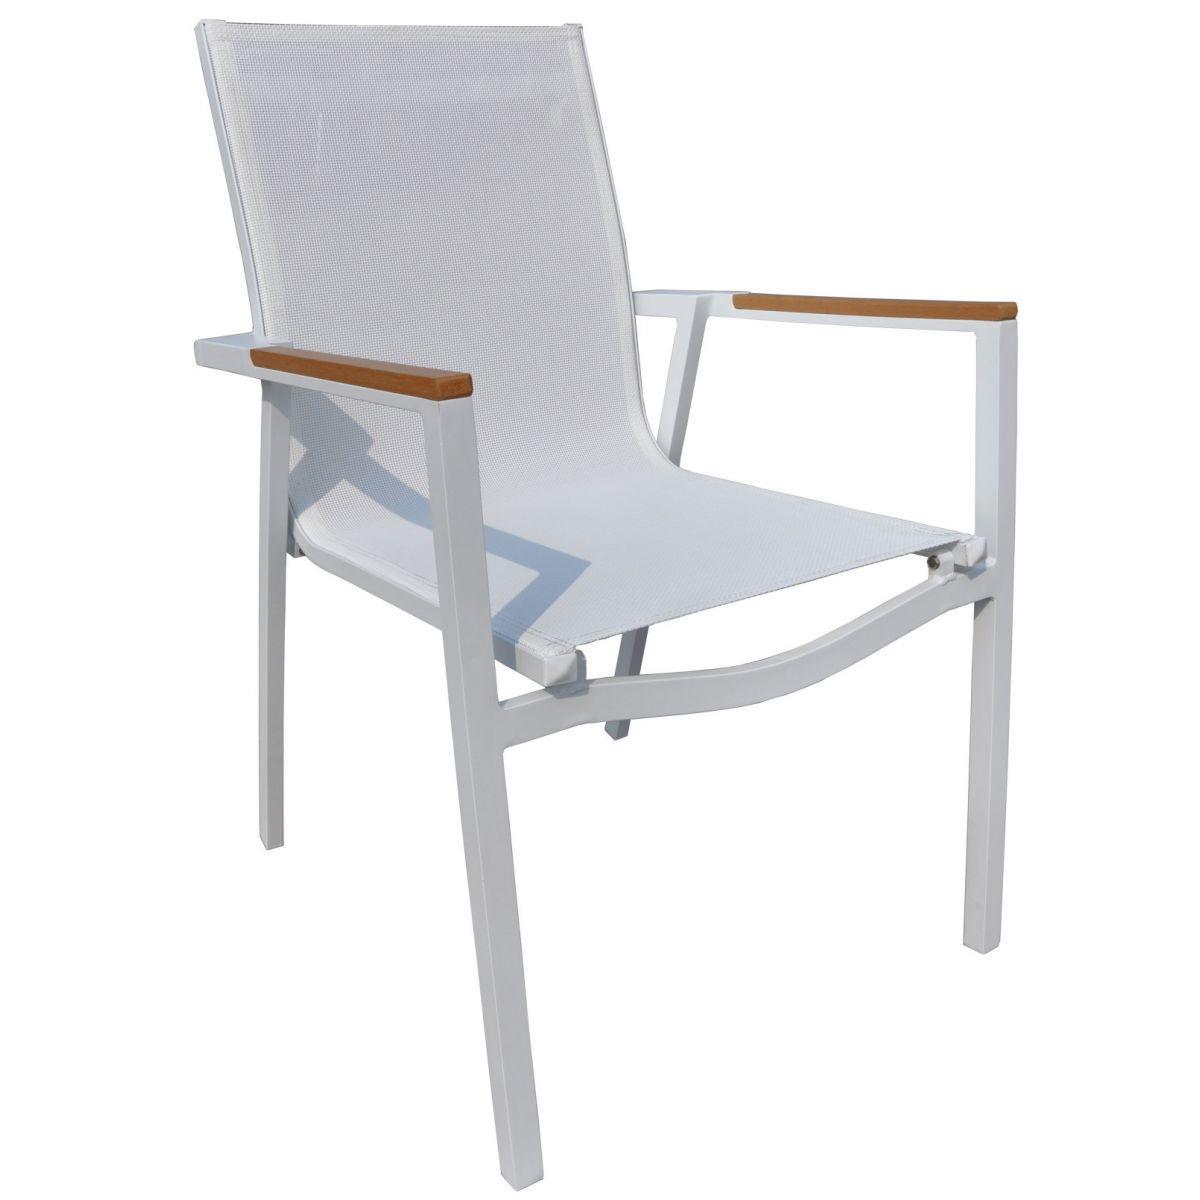 Sedie Da Giardino In Alluminio.Sedia Da Giardino Populonia Impilabile Resin Wood Alluminio Bianco